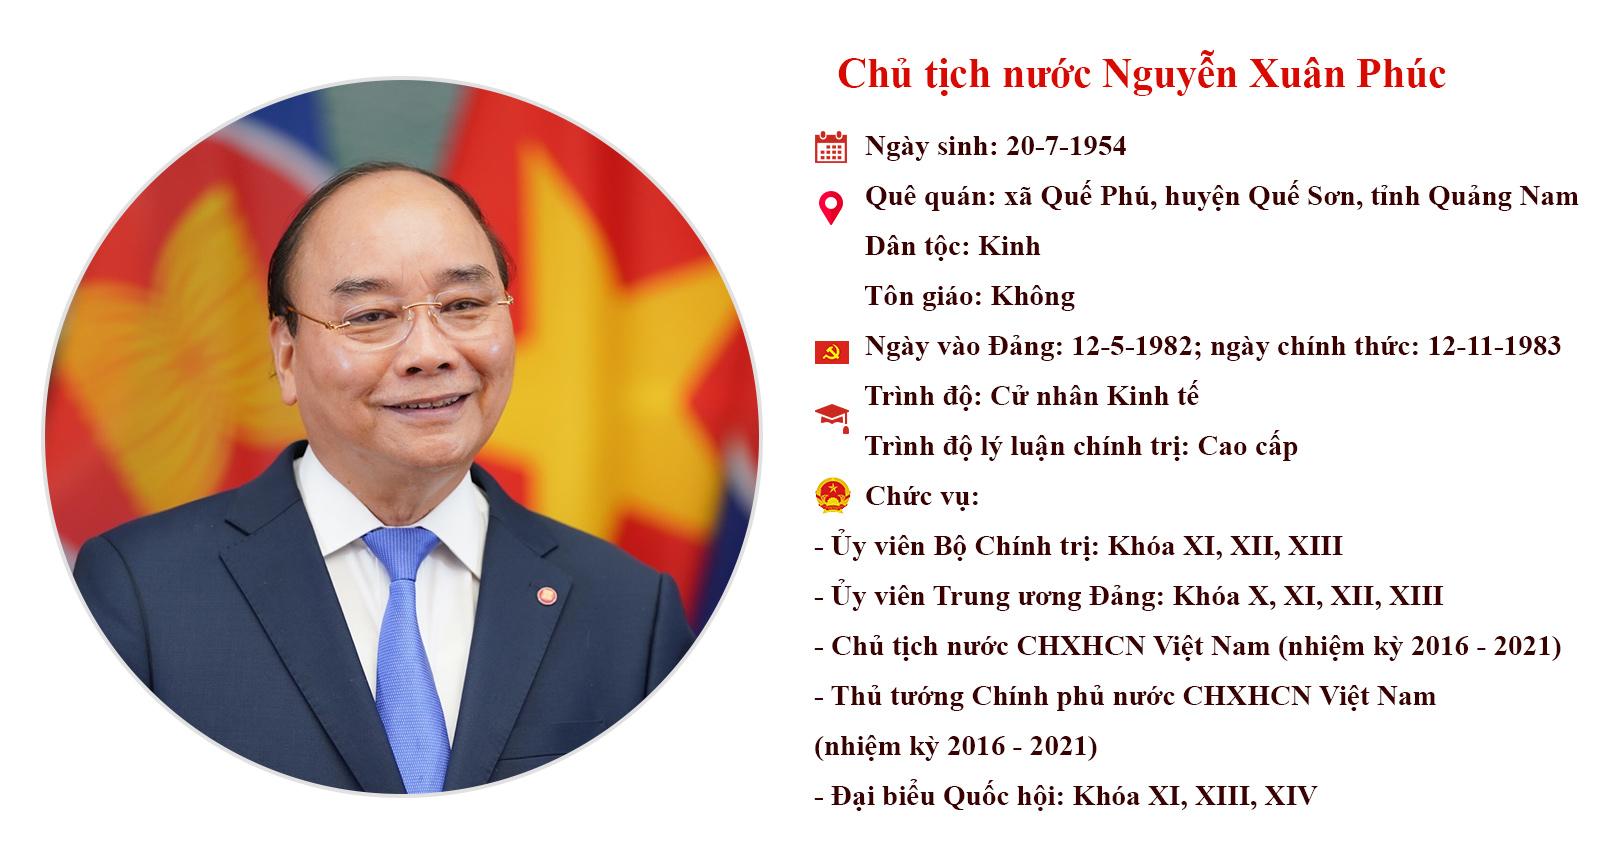 [Infographic] Chủ tịch nước Nguyễn Xuân Phúc -0